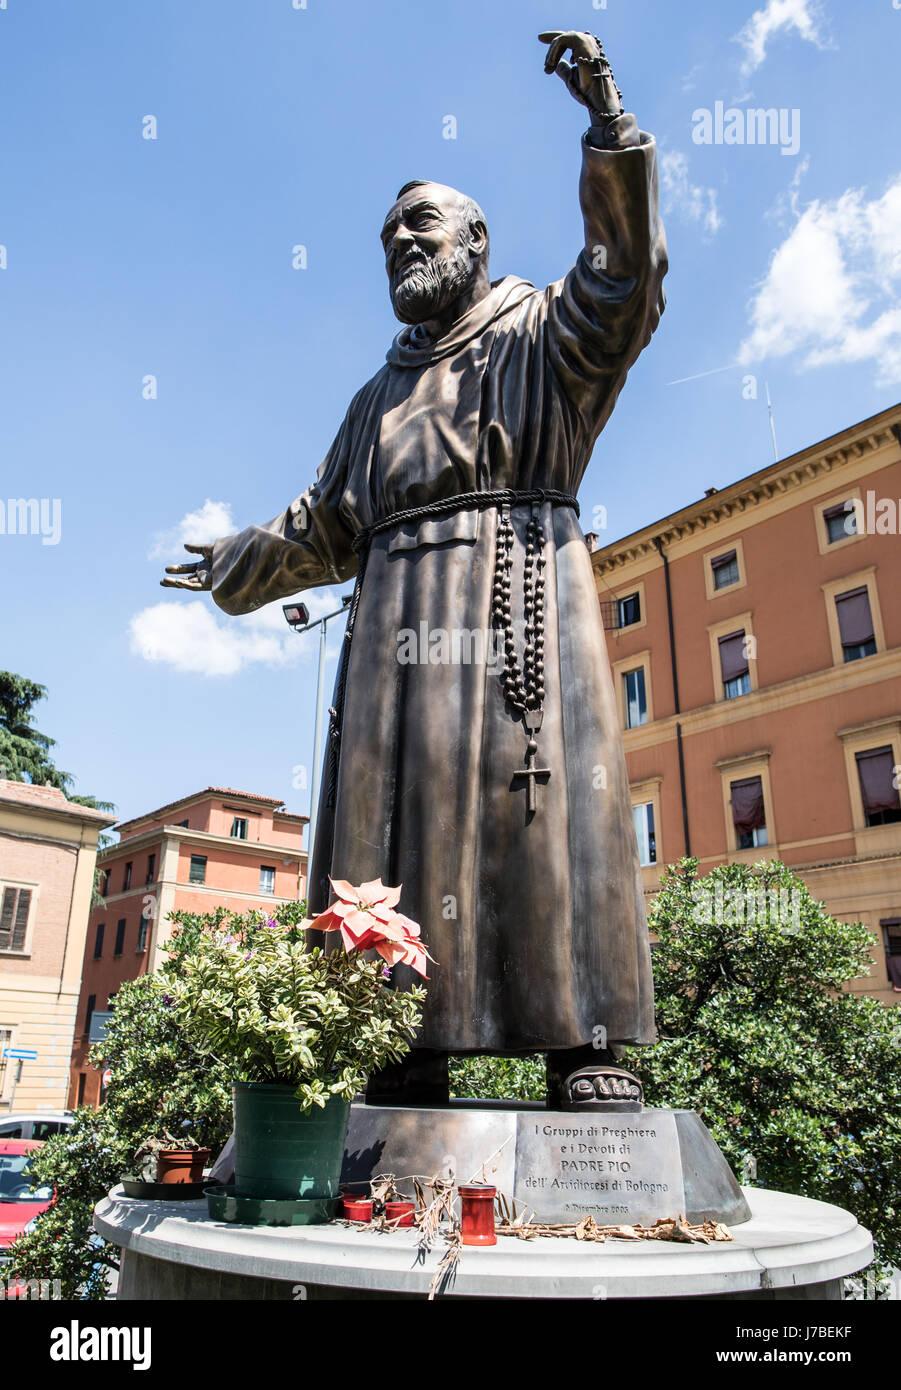 Statua in bronzo di Padre Peo Bologna Italia Immagini Stock